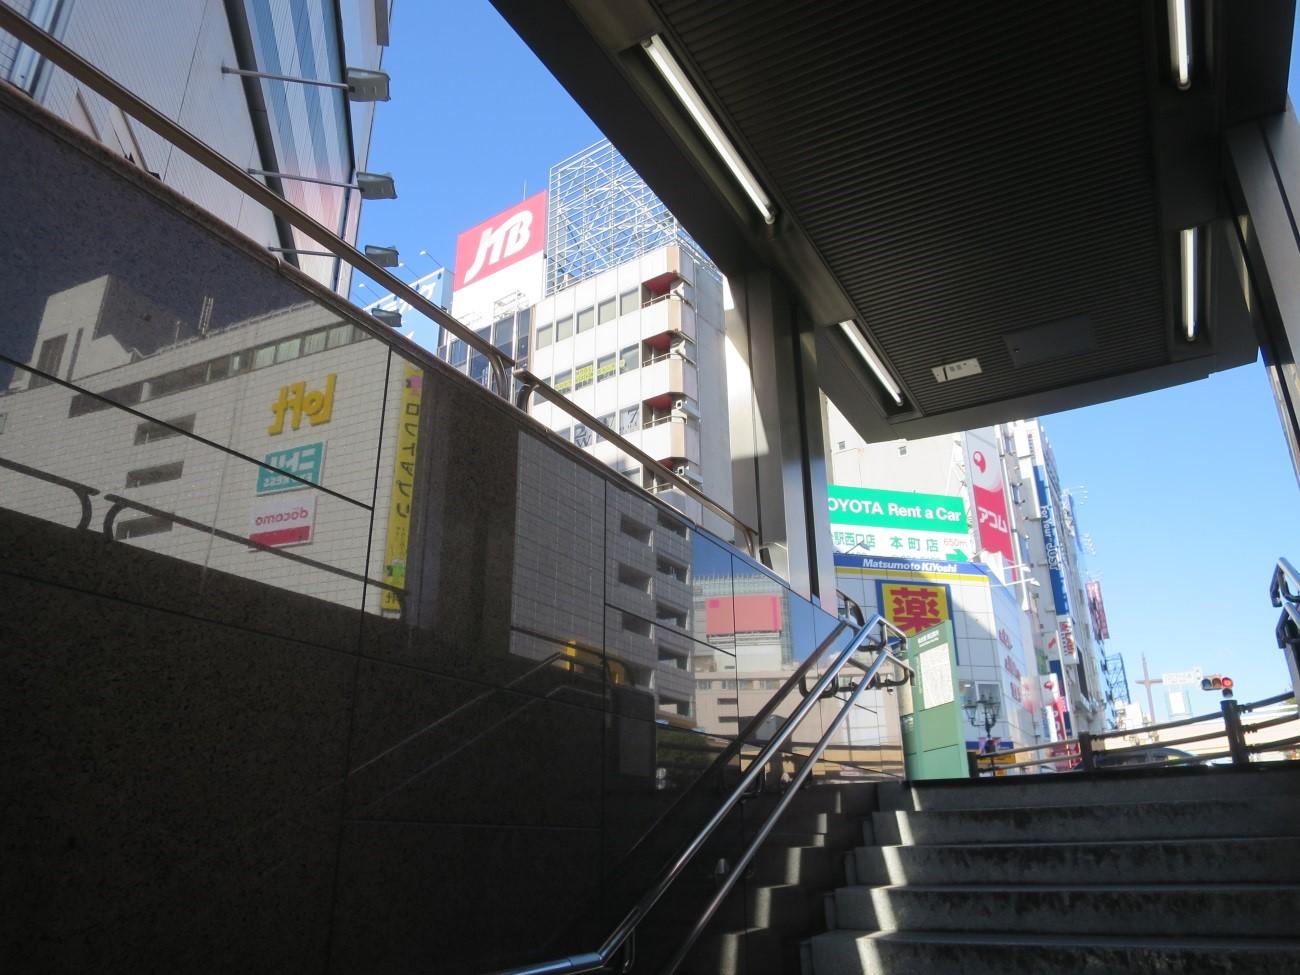 階段を上がるとJTBビルが目の前に見えます。ビルの7階です。